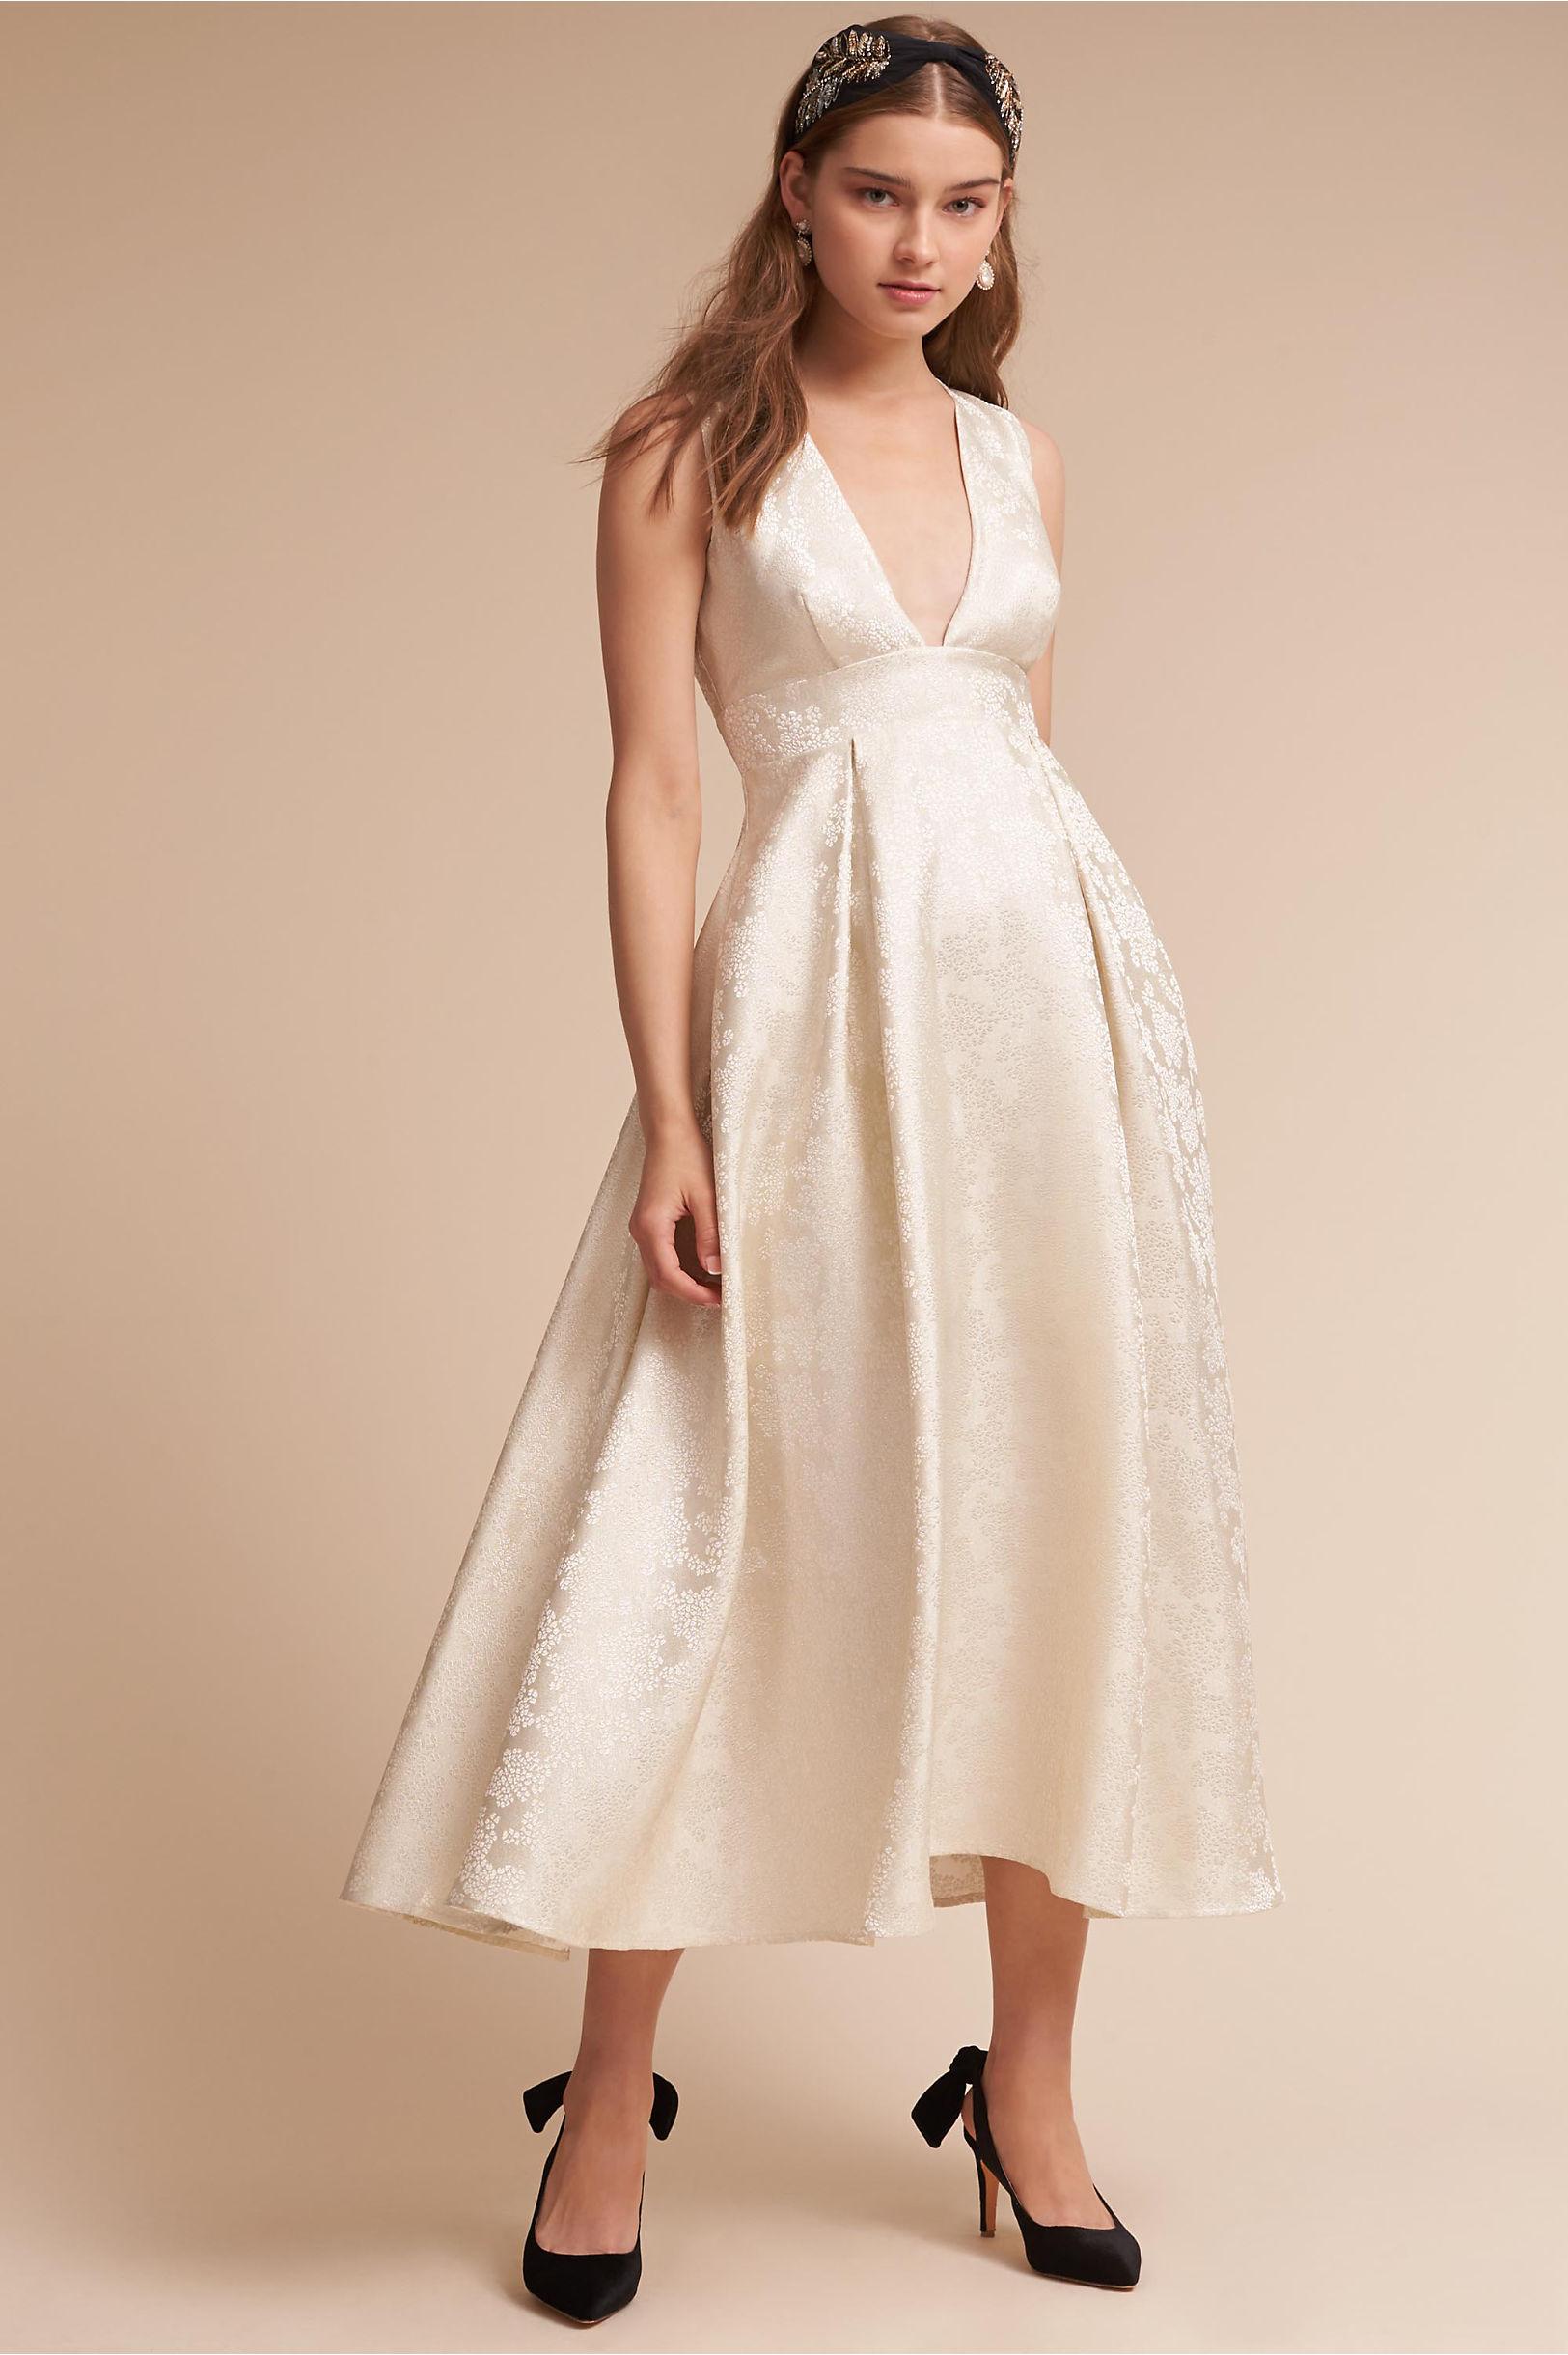 Aria Dress in Sale | BHLDN